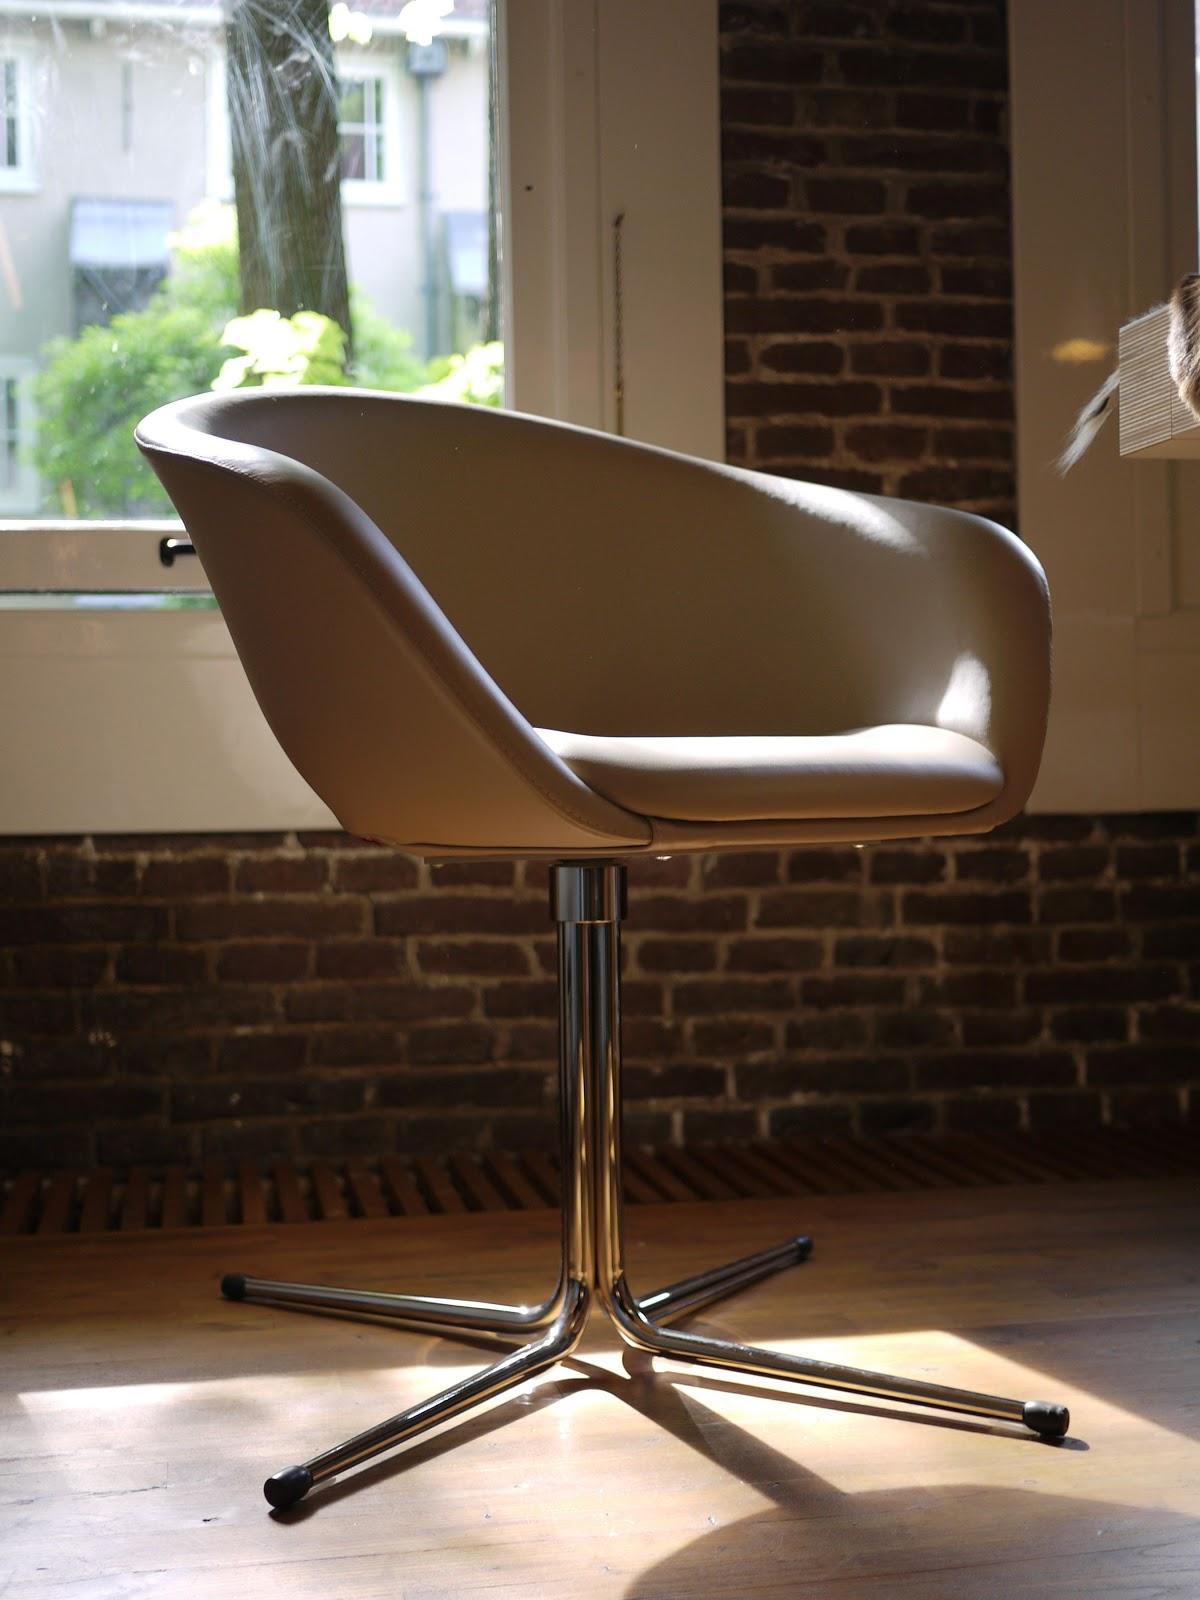 arper duna go to joost alferink to go. Black Bedroom Furniture Sets. Home Design Ideas